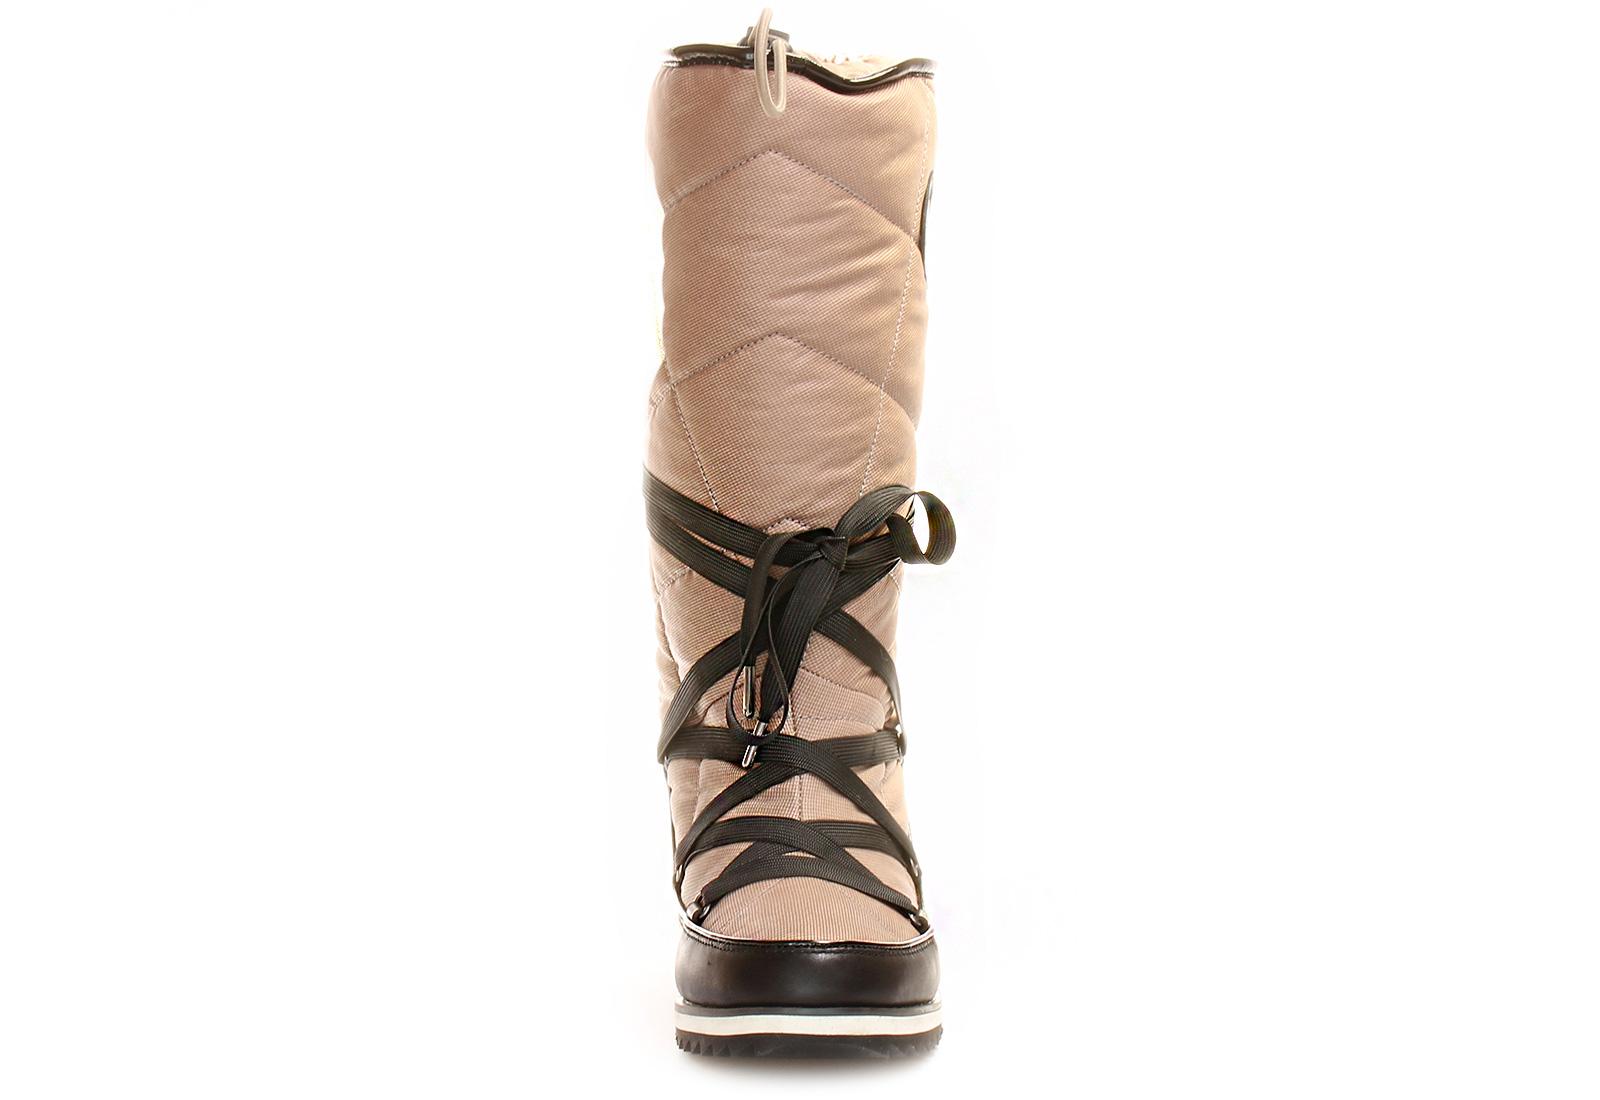 c5d1e58c36f4 Lacoste Boots - Aubina - 133srw0133-158 - Online shop for sneakers ...